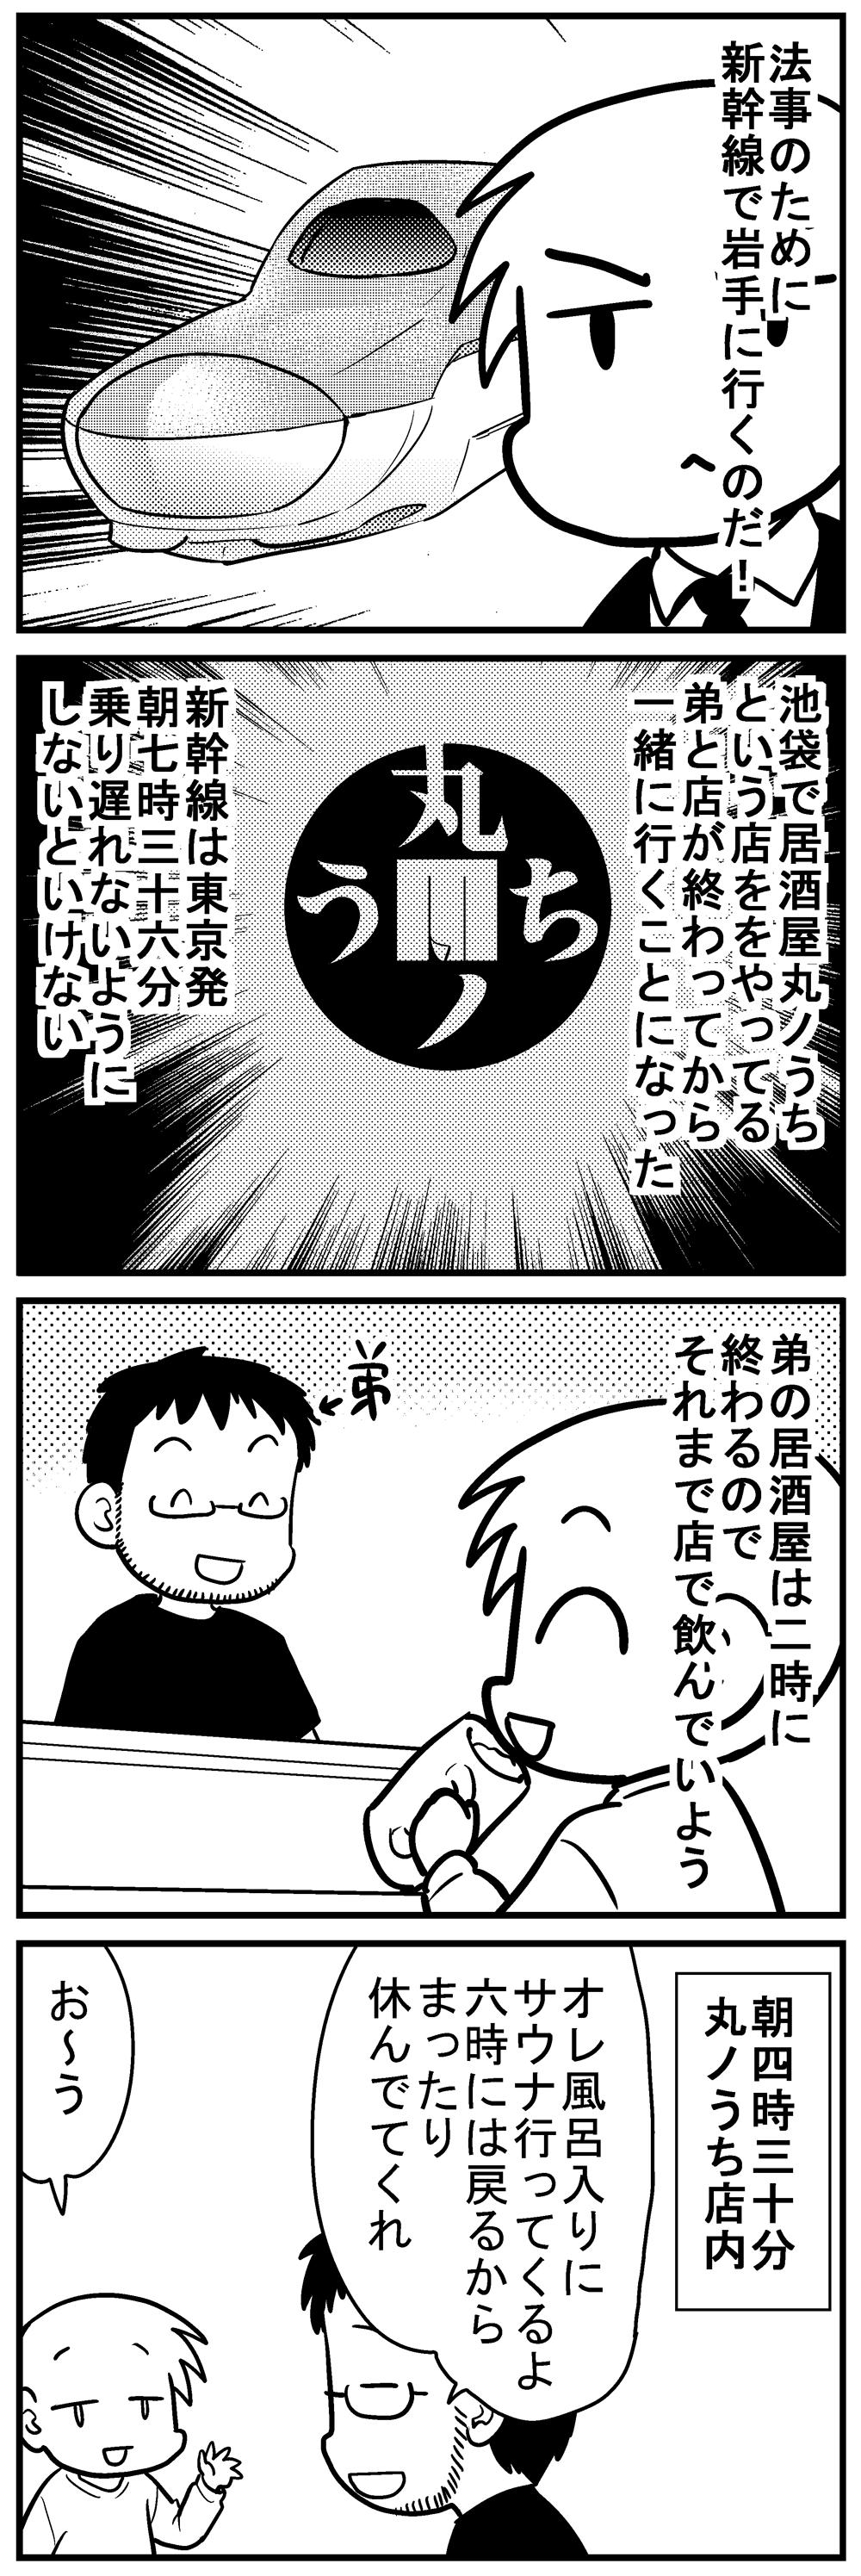 深読みくん135 1